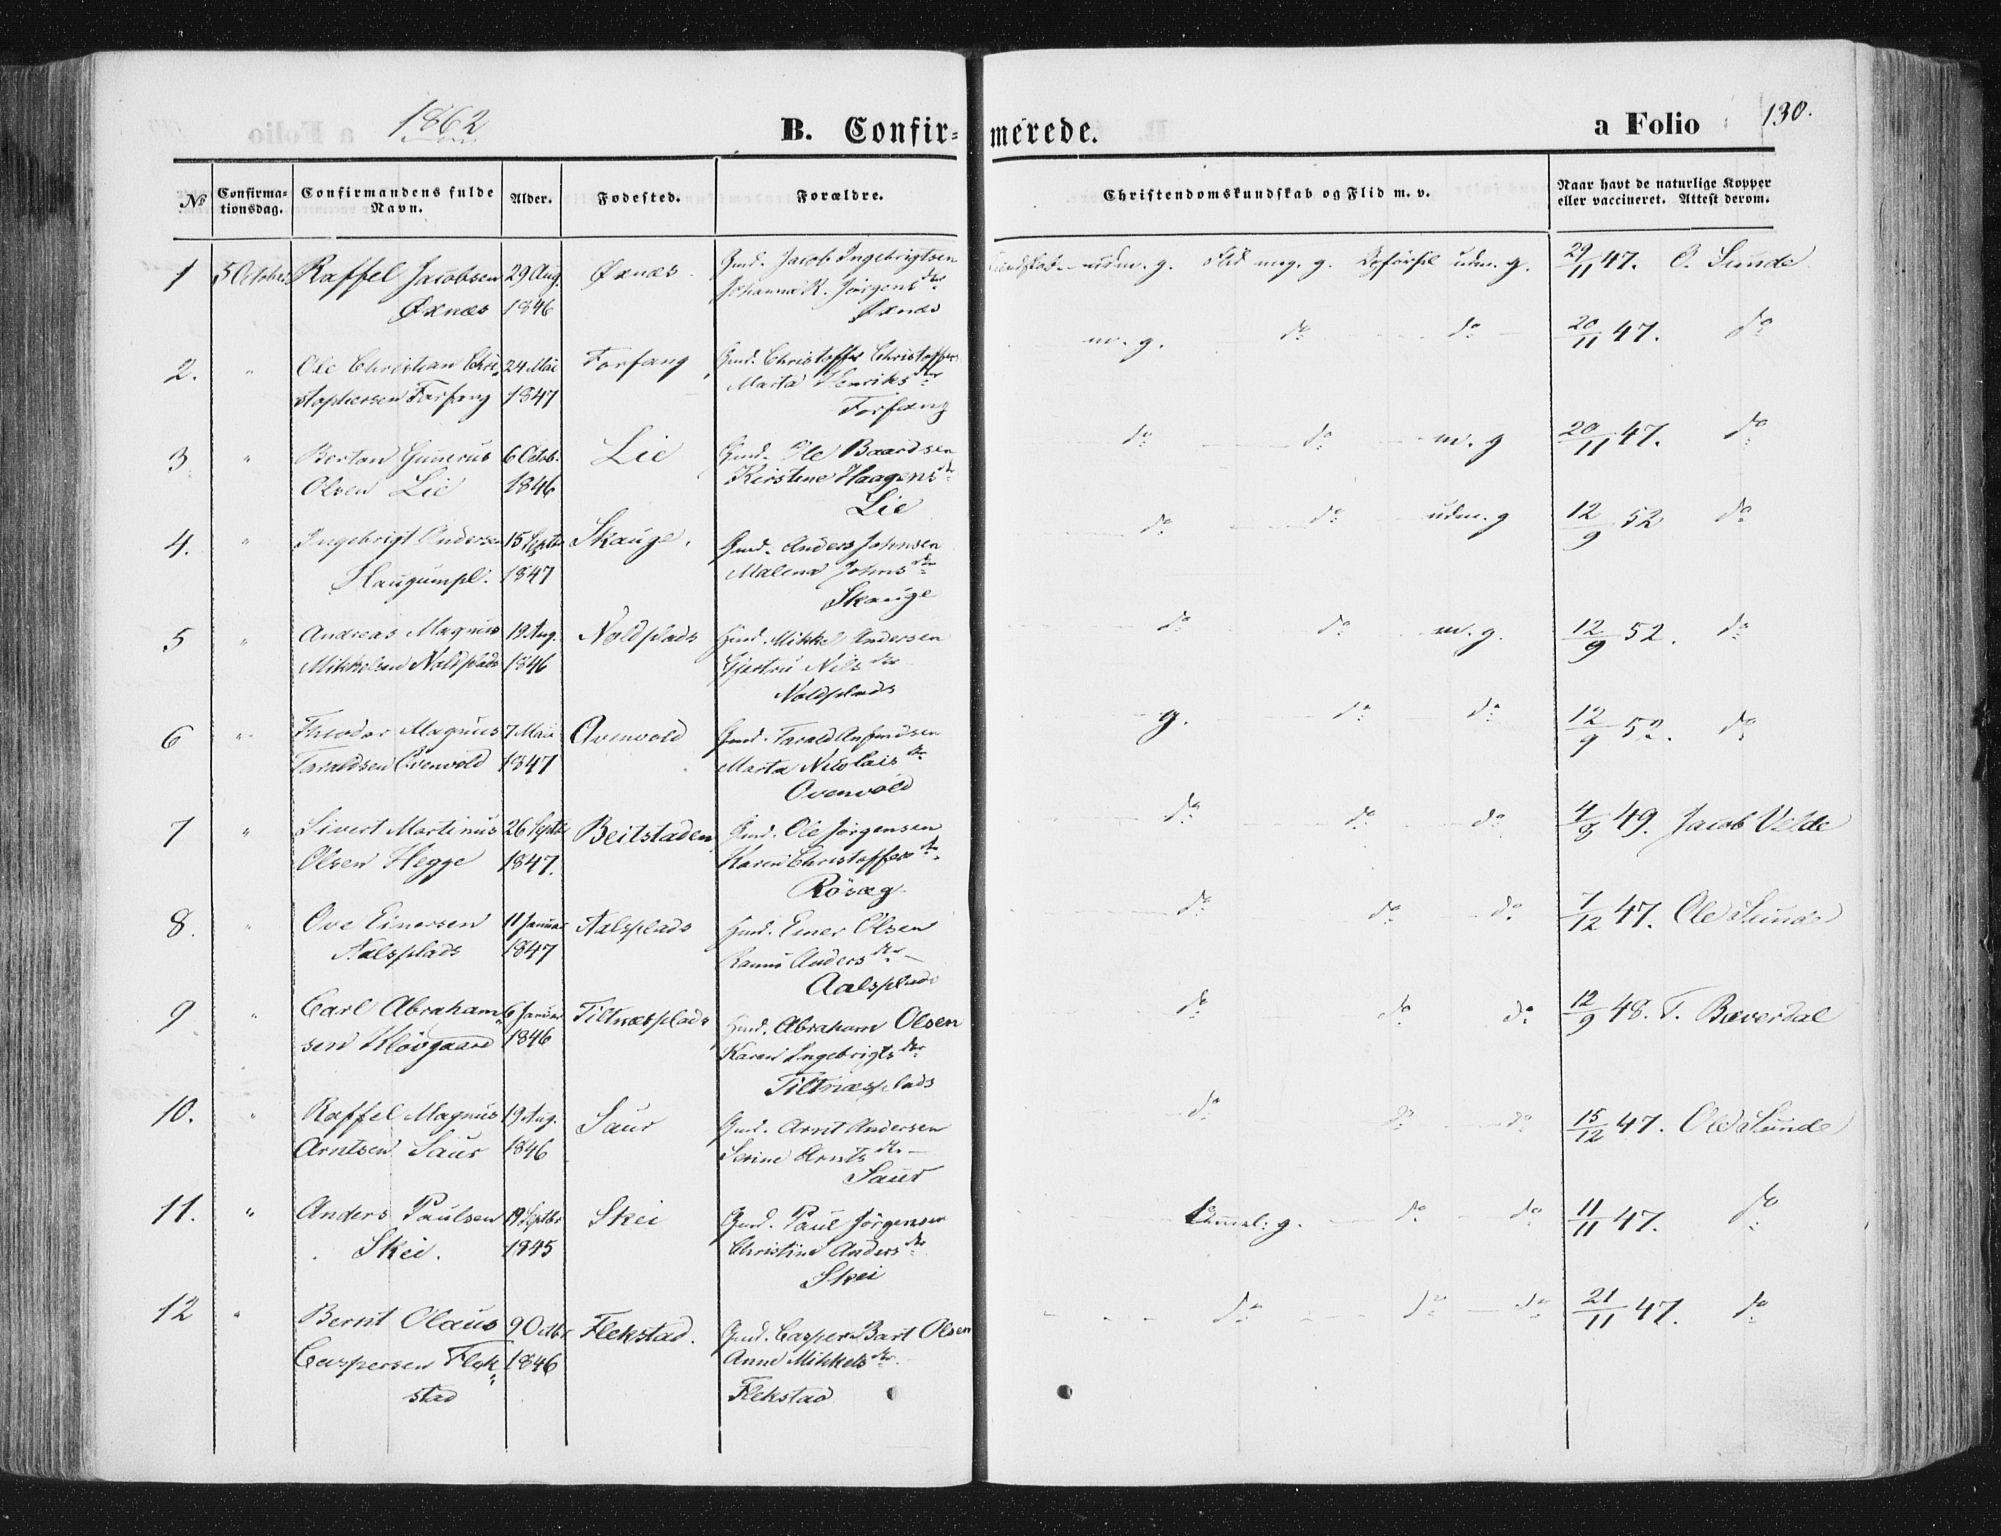 SAT, Ministerialprotokoller, klokkerbøker og fødselsregistre - Nord-Trøndelag, 746/L0447: Ministerialbok nr. 746A06, 1860-1877, s. 130